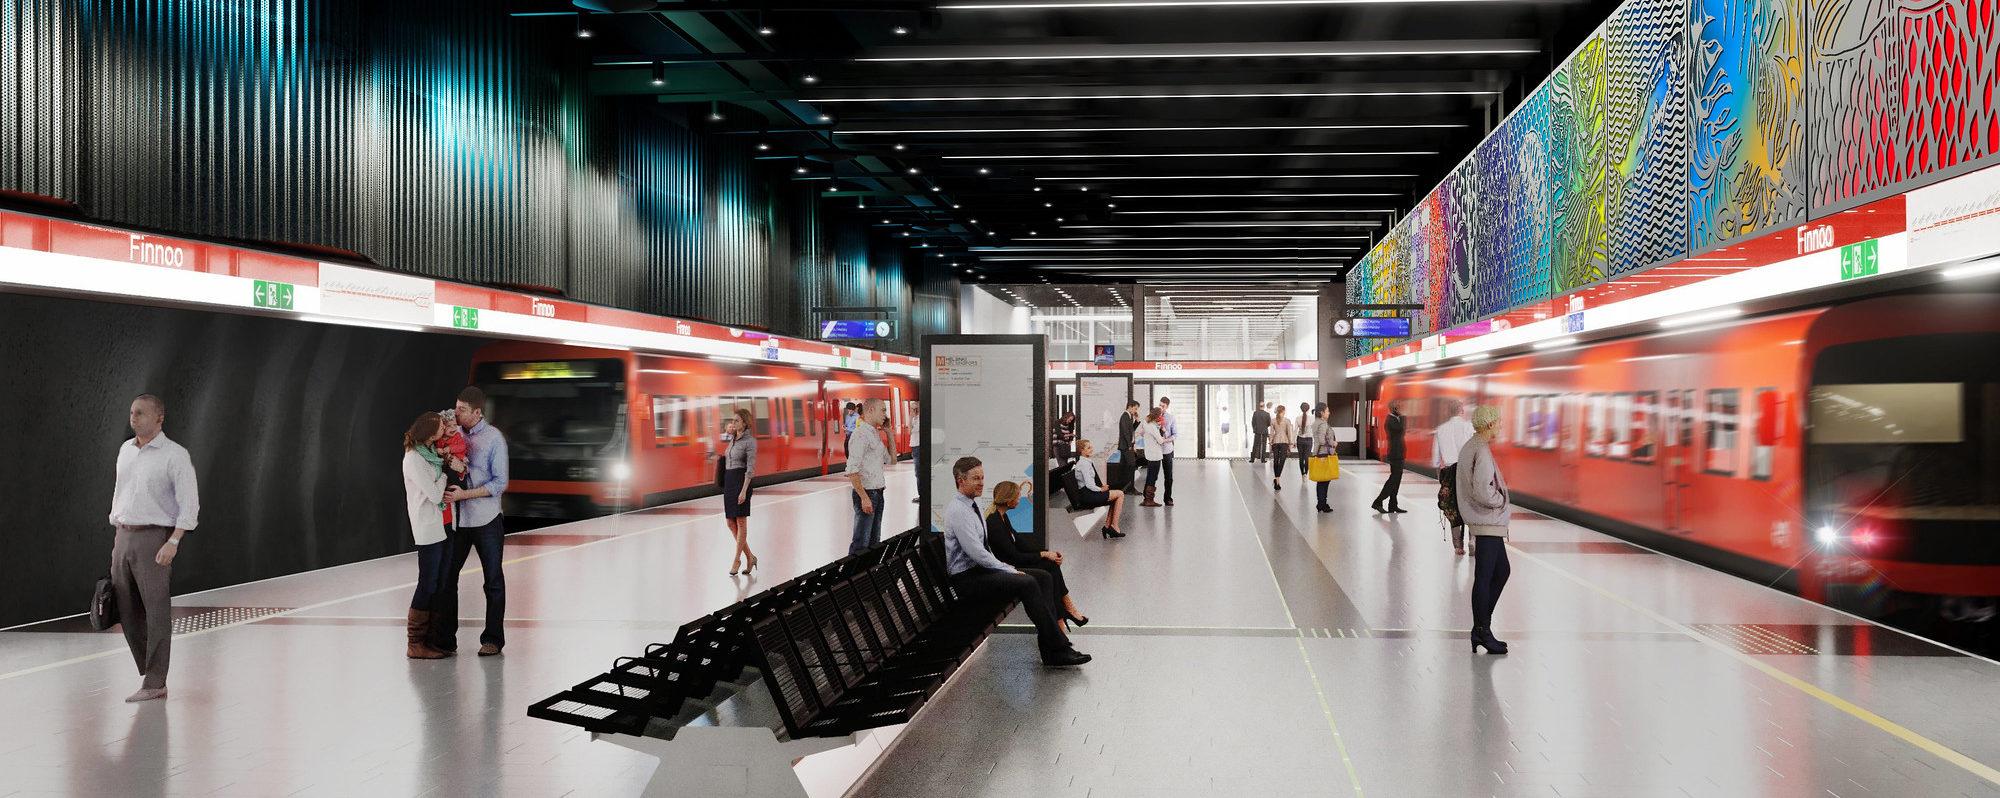 havainnekuva Finnoon metroaseman laiturialueesta.